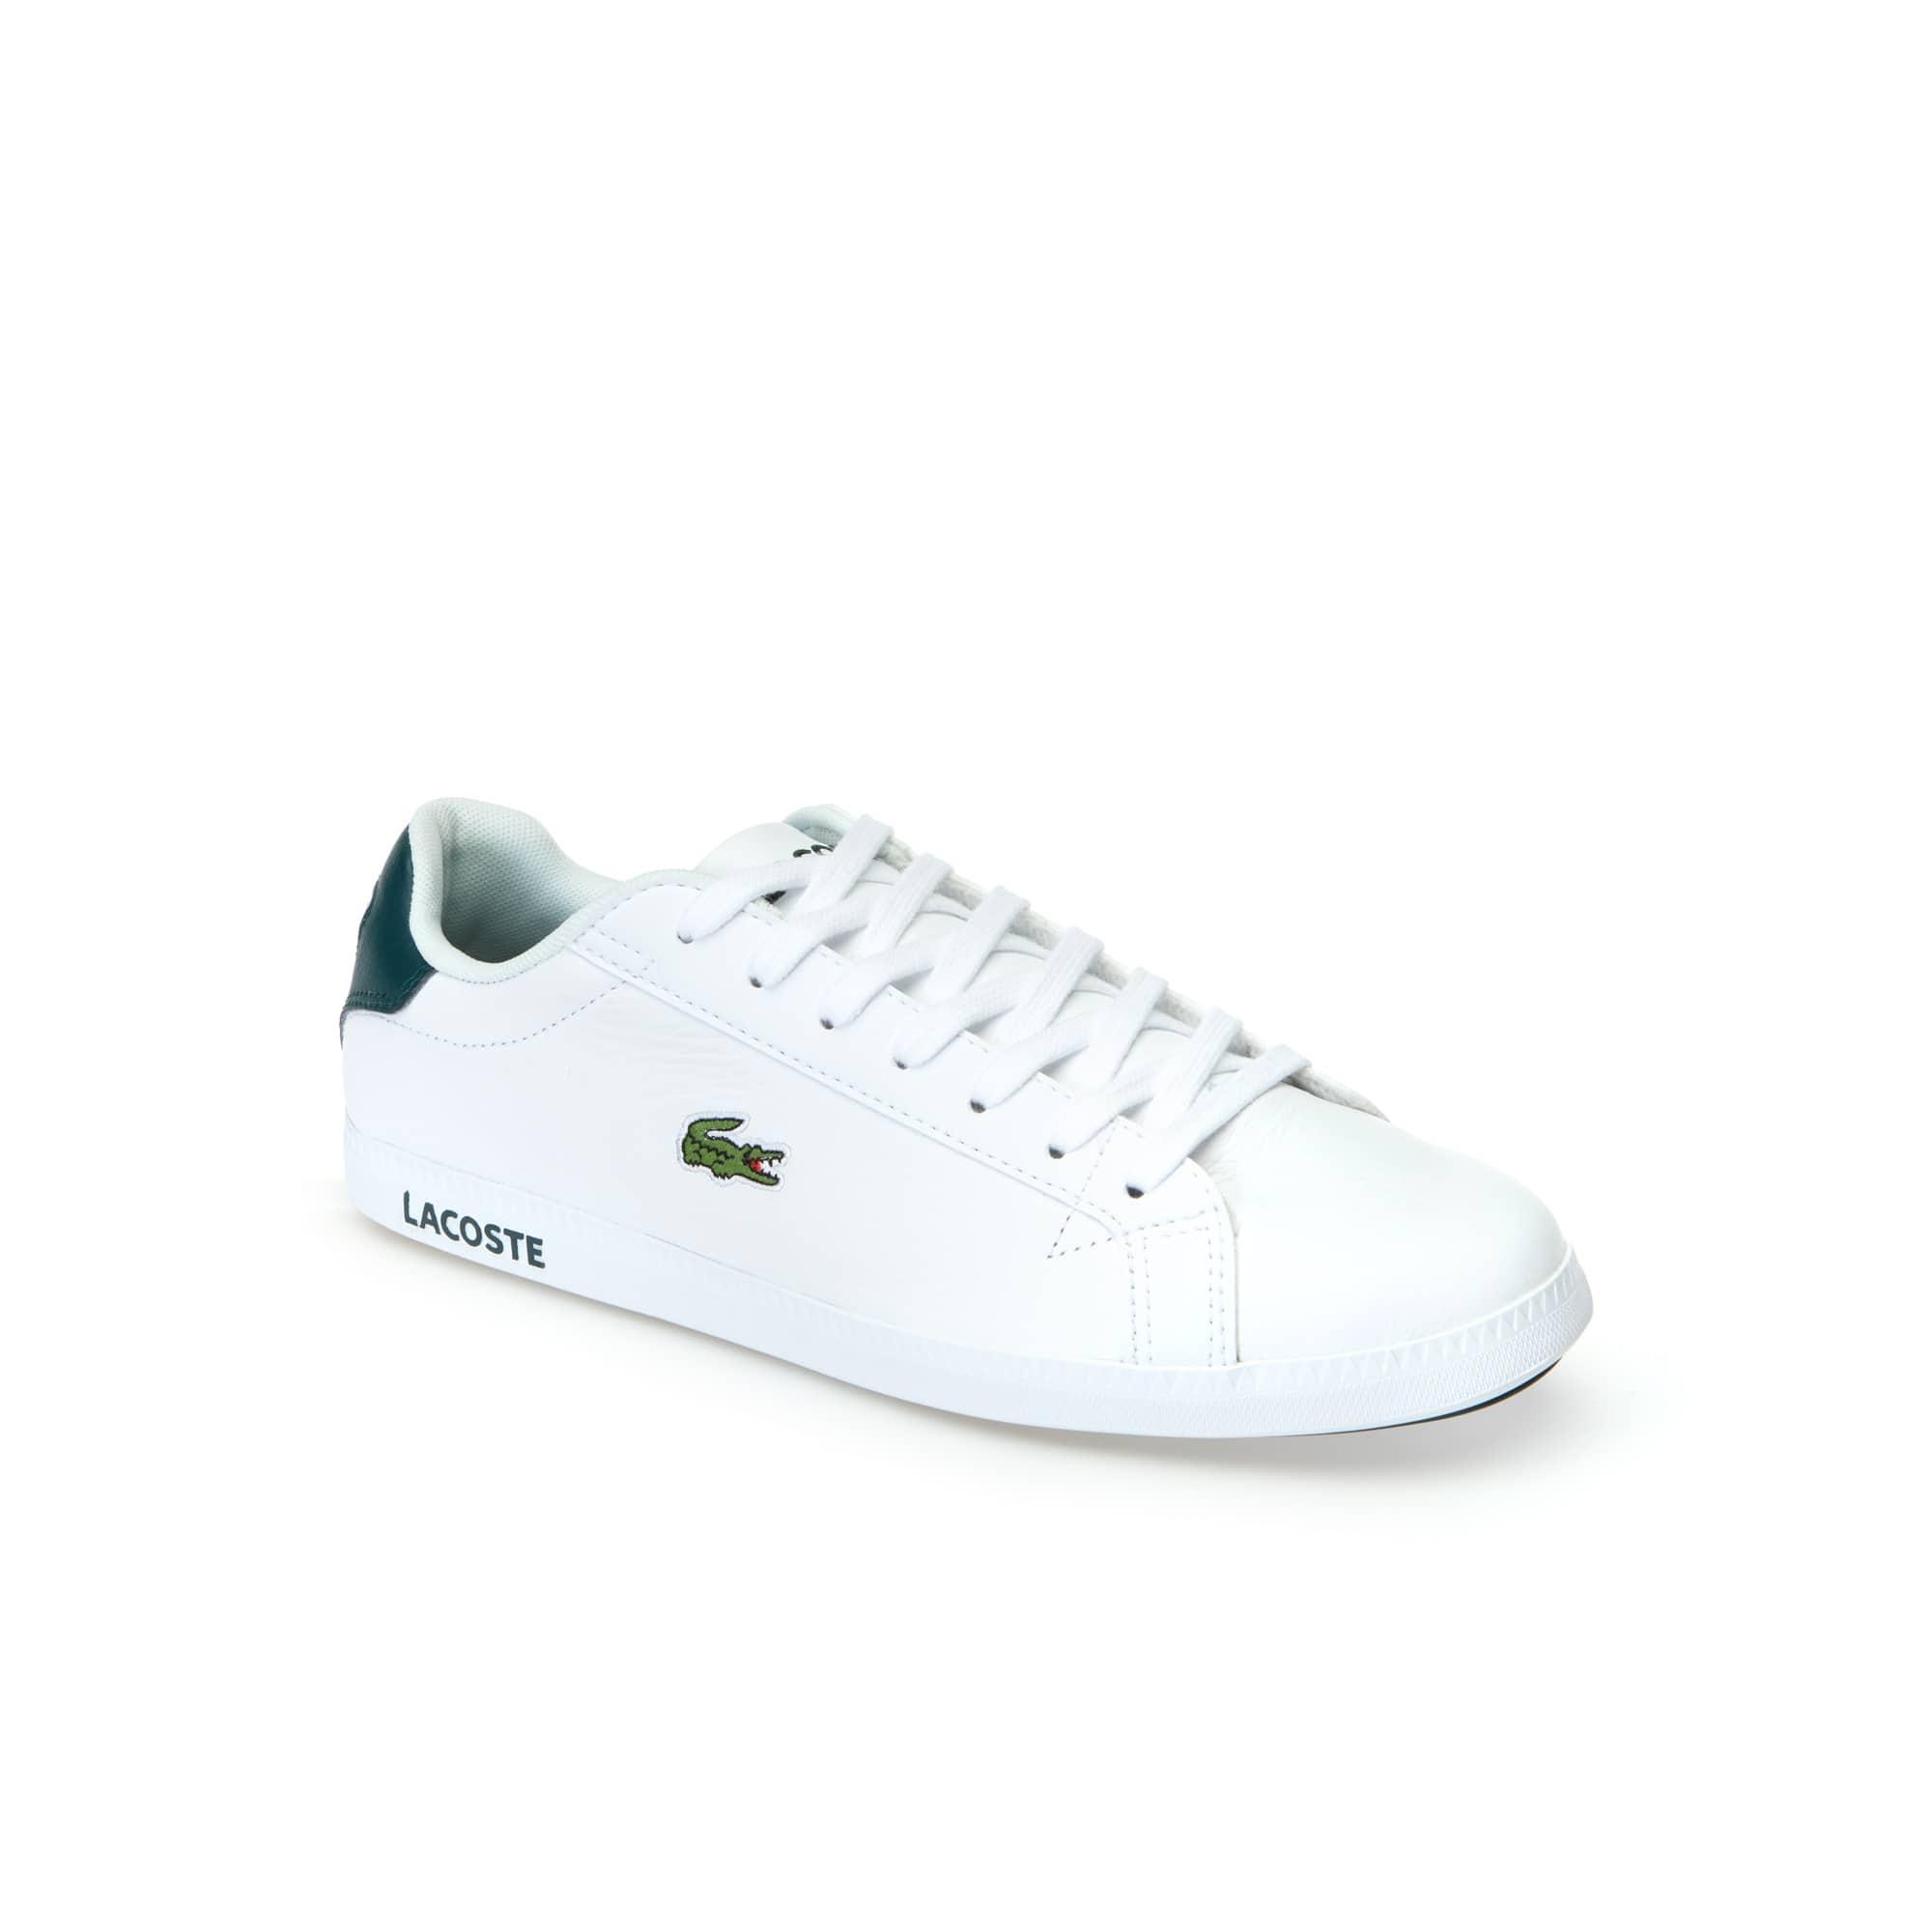 lacoste shoes online dubai visa